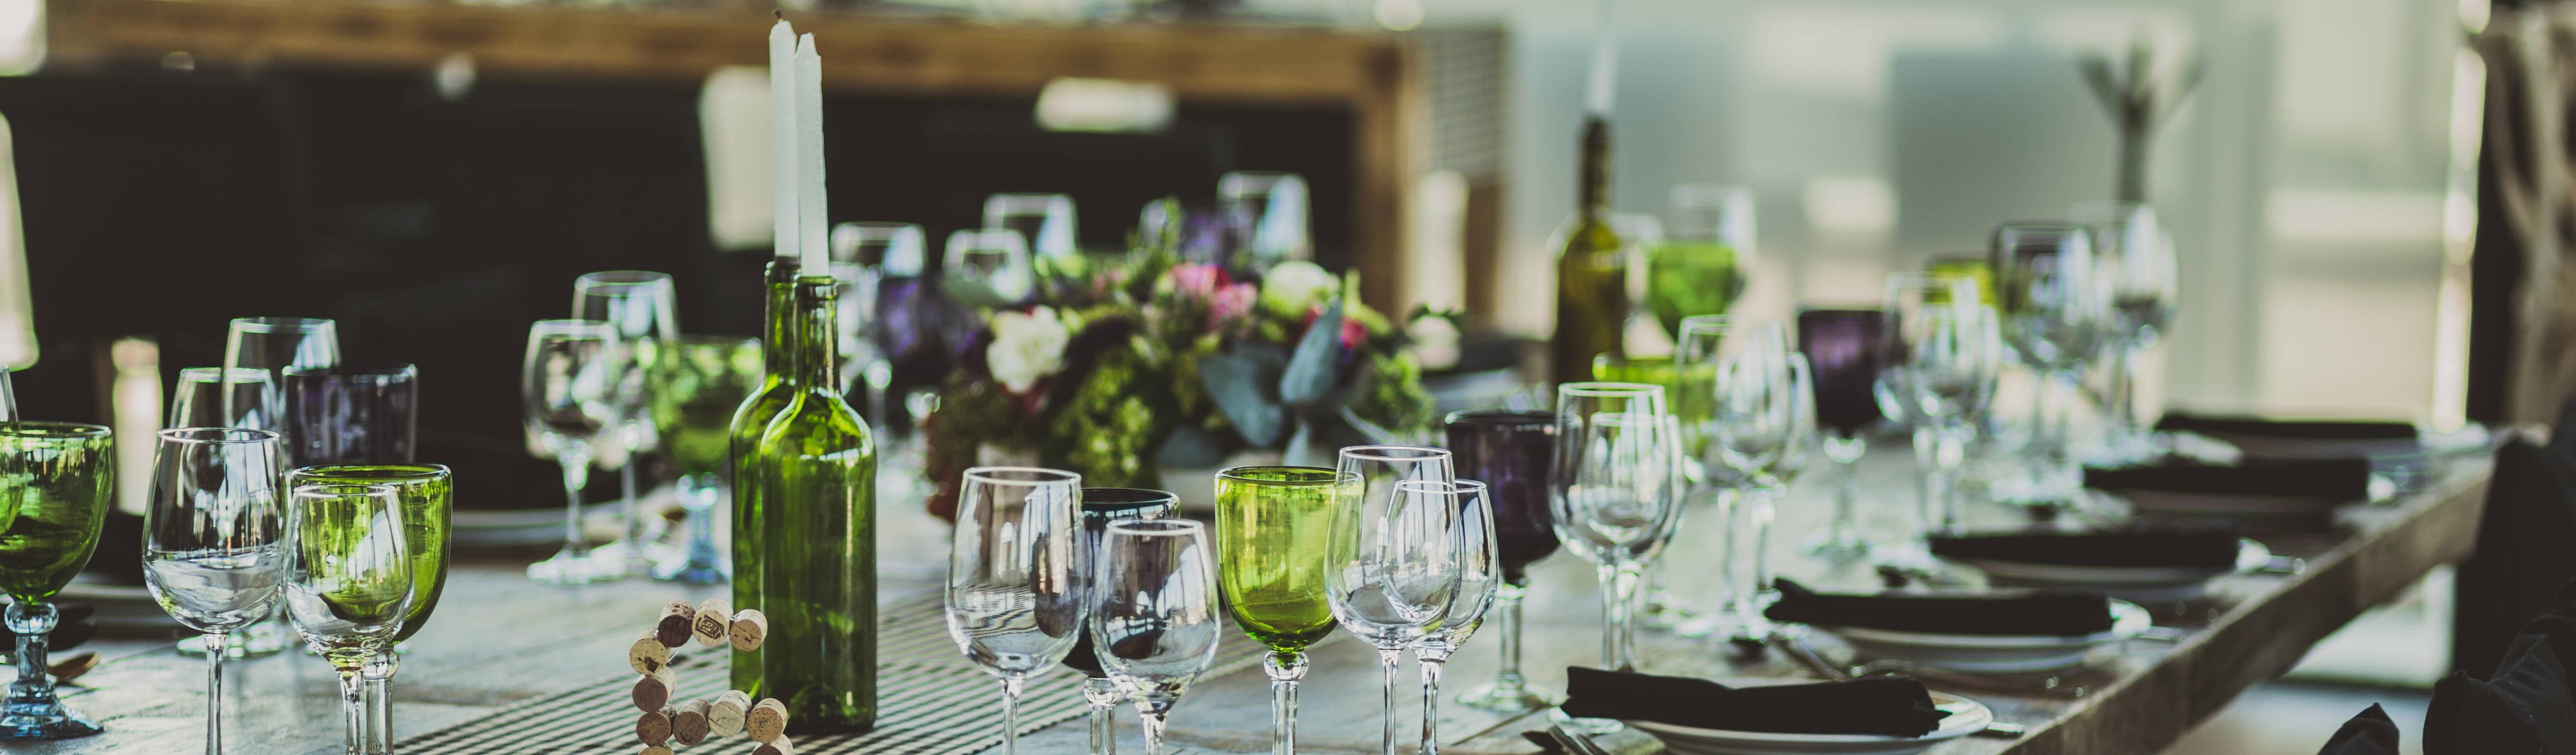 MOOR Event Rentals & Planning